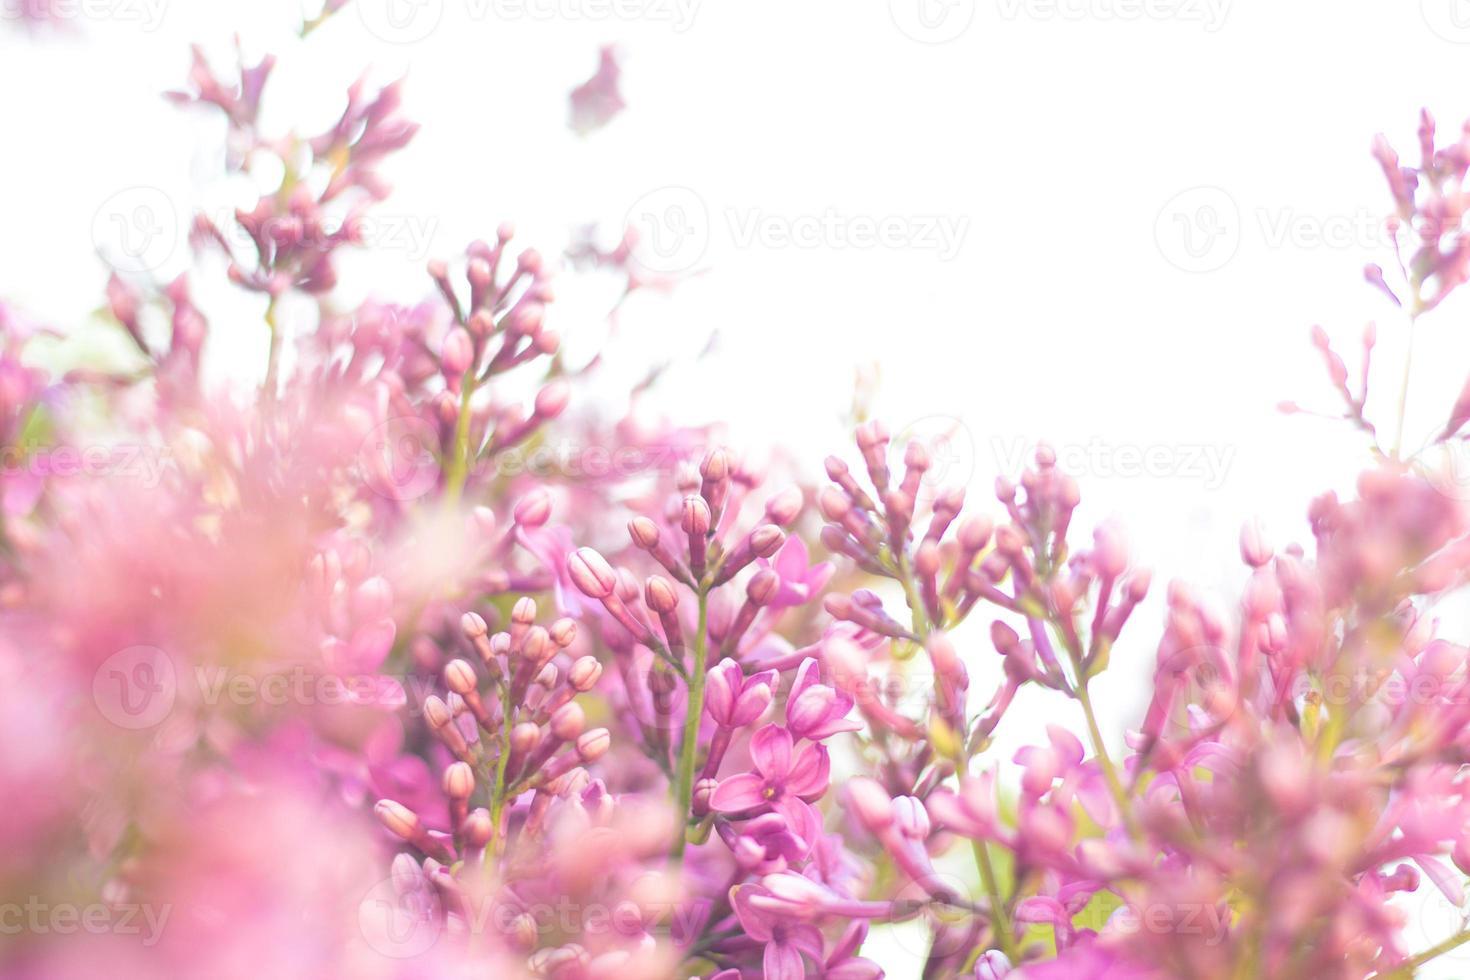 cespuglio di lillà proteso verso il cielo foto